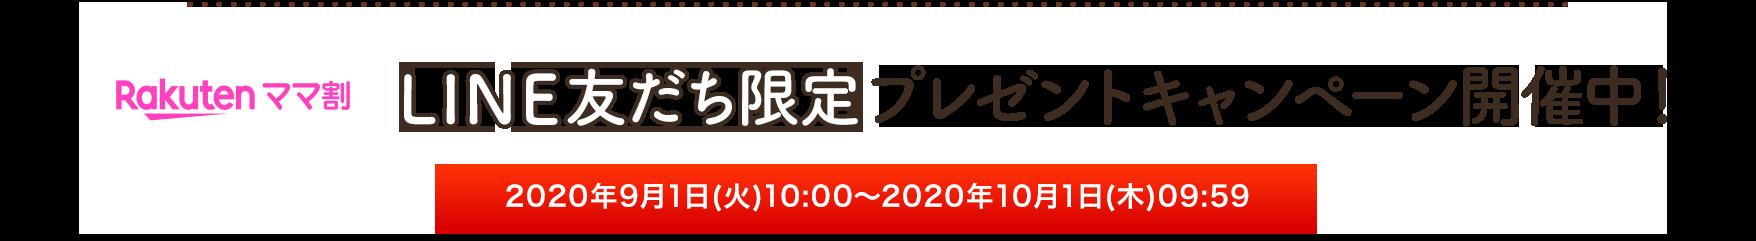 楽天ママ割 LINE友だち限定プレゼントキャンペーン開催中!2020年9月1日(火)10:00~2020年10月1日(木)09:59